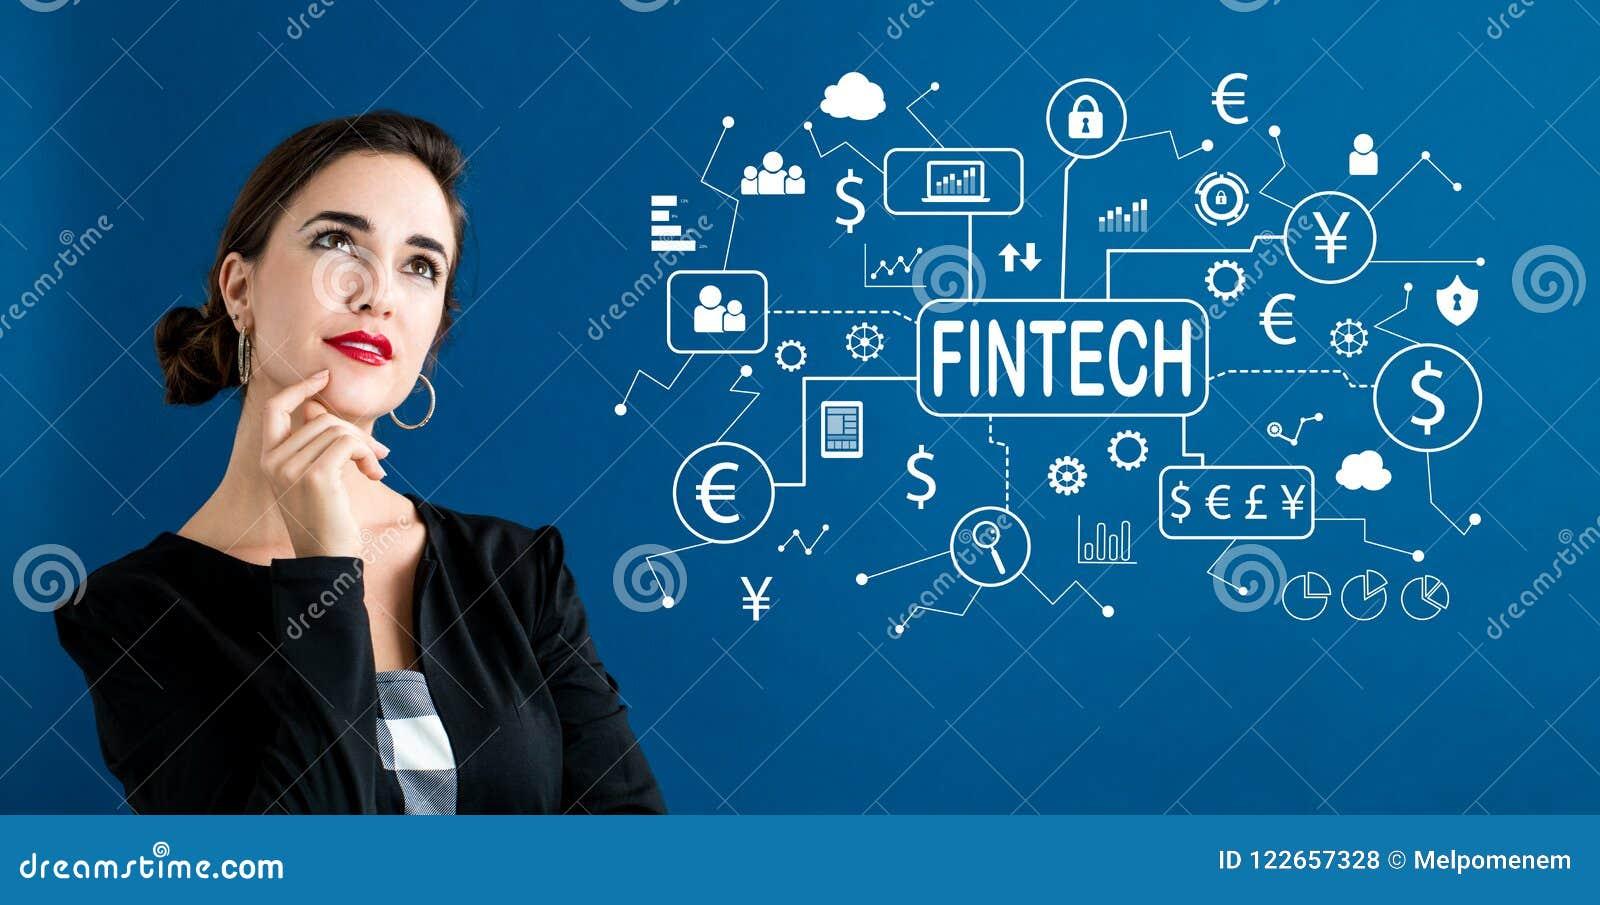 Тема Fintech с бизнес-леди